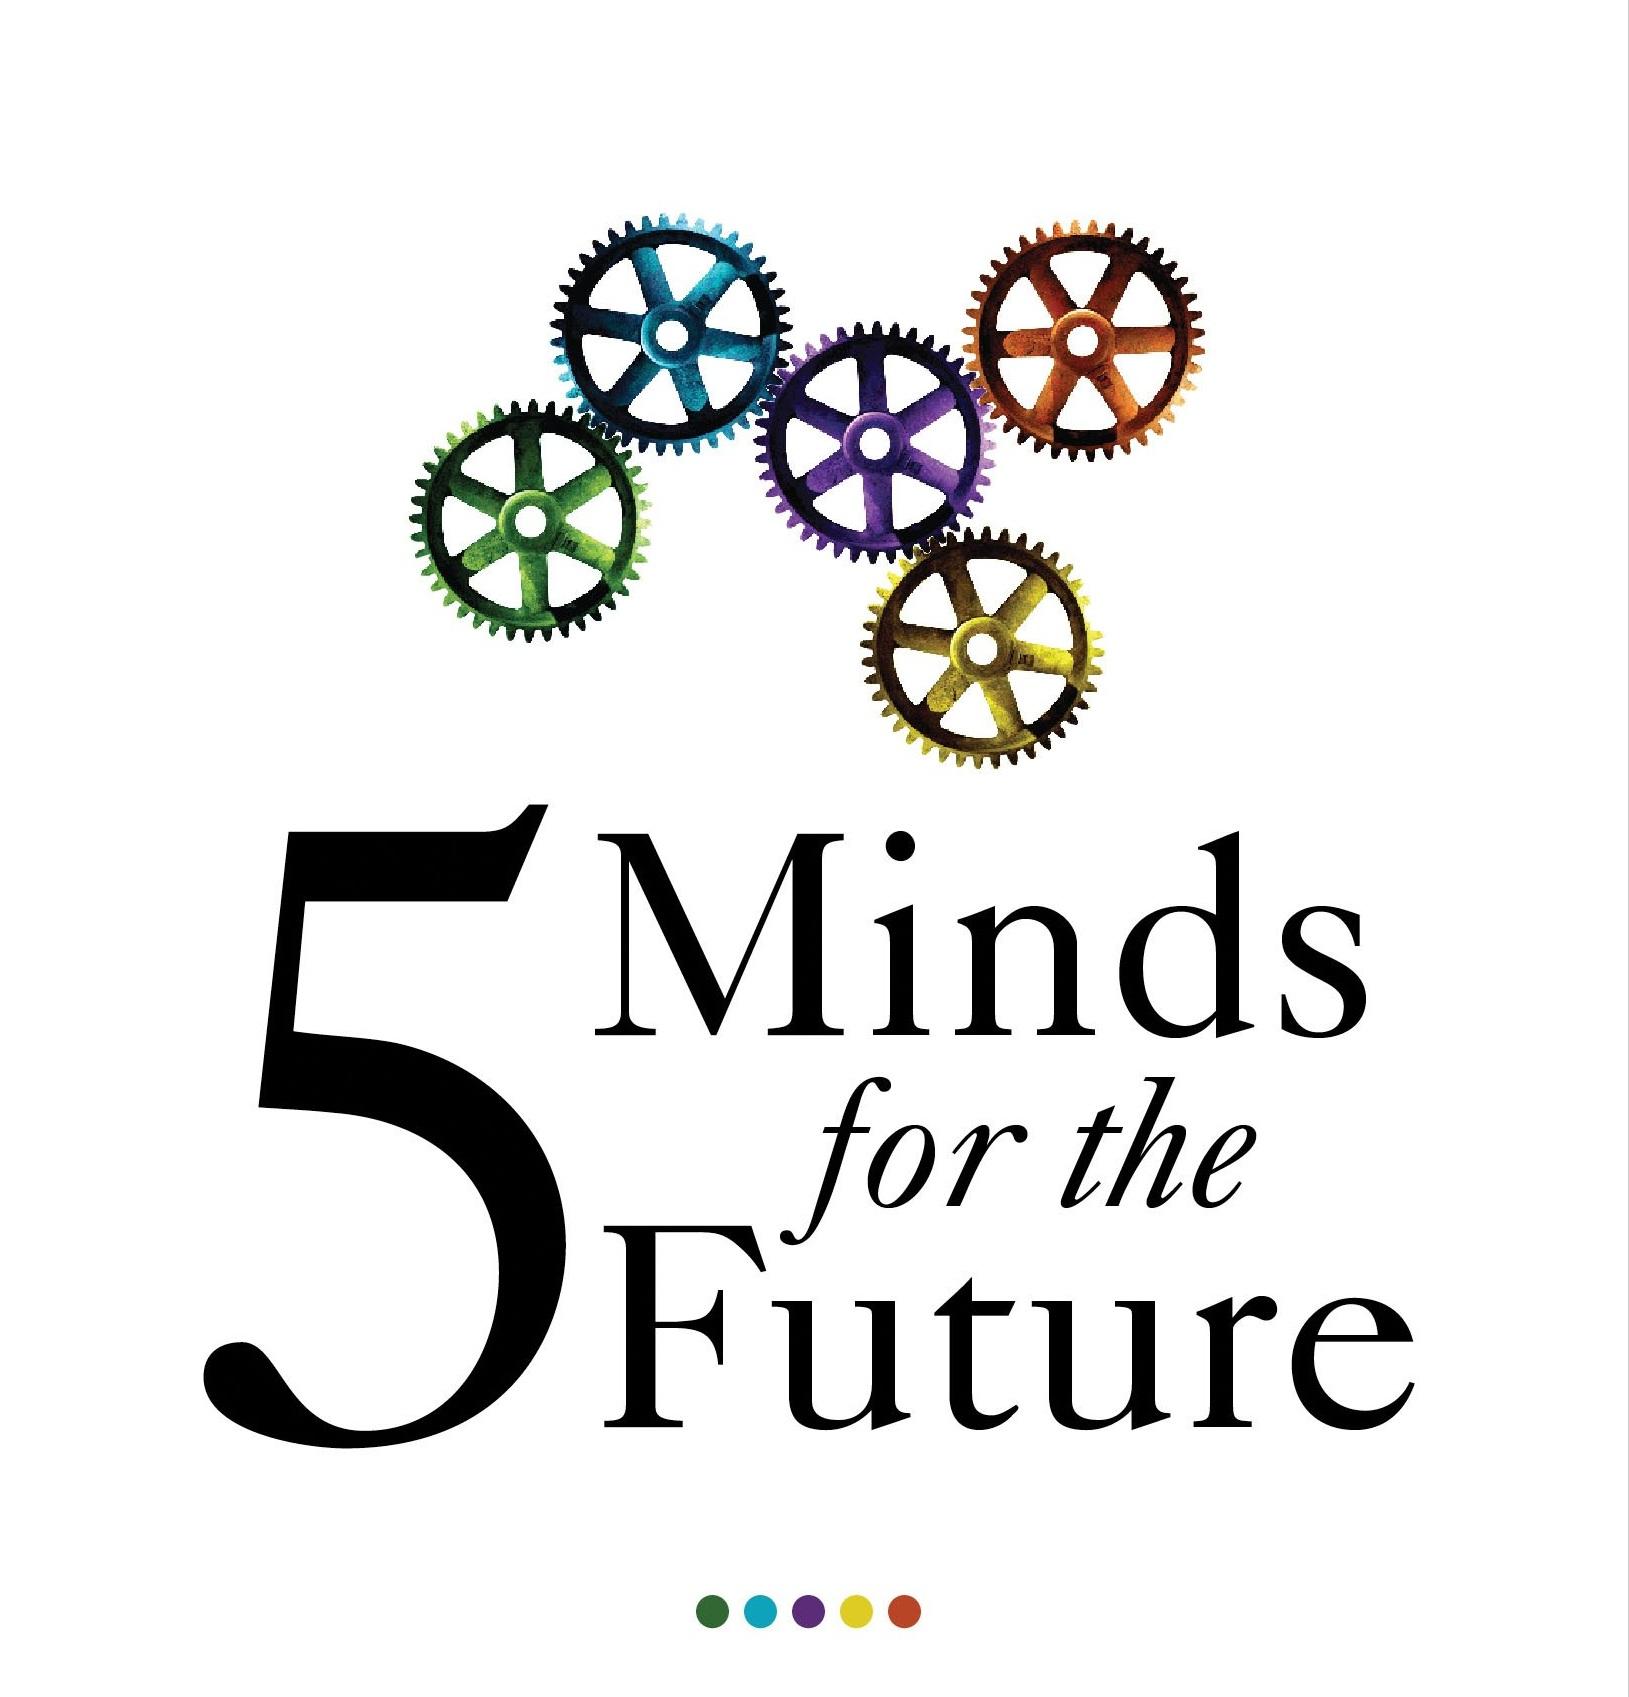 پنج ذهن برای آینده، تغییر رویکردی از هوش به ذهن